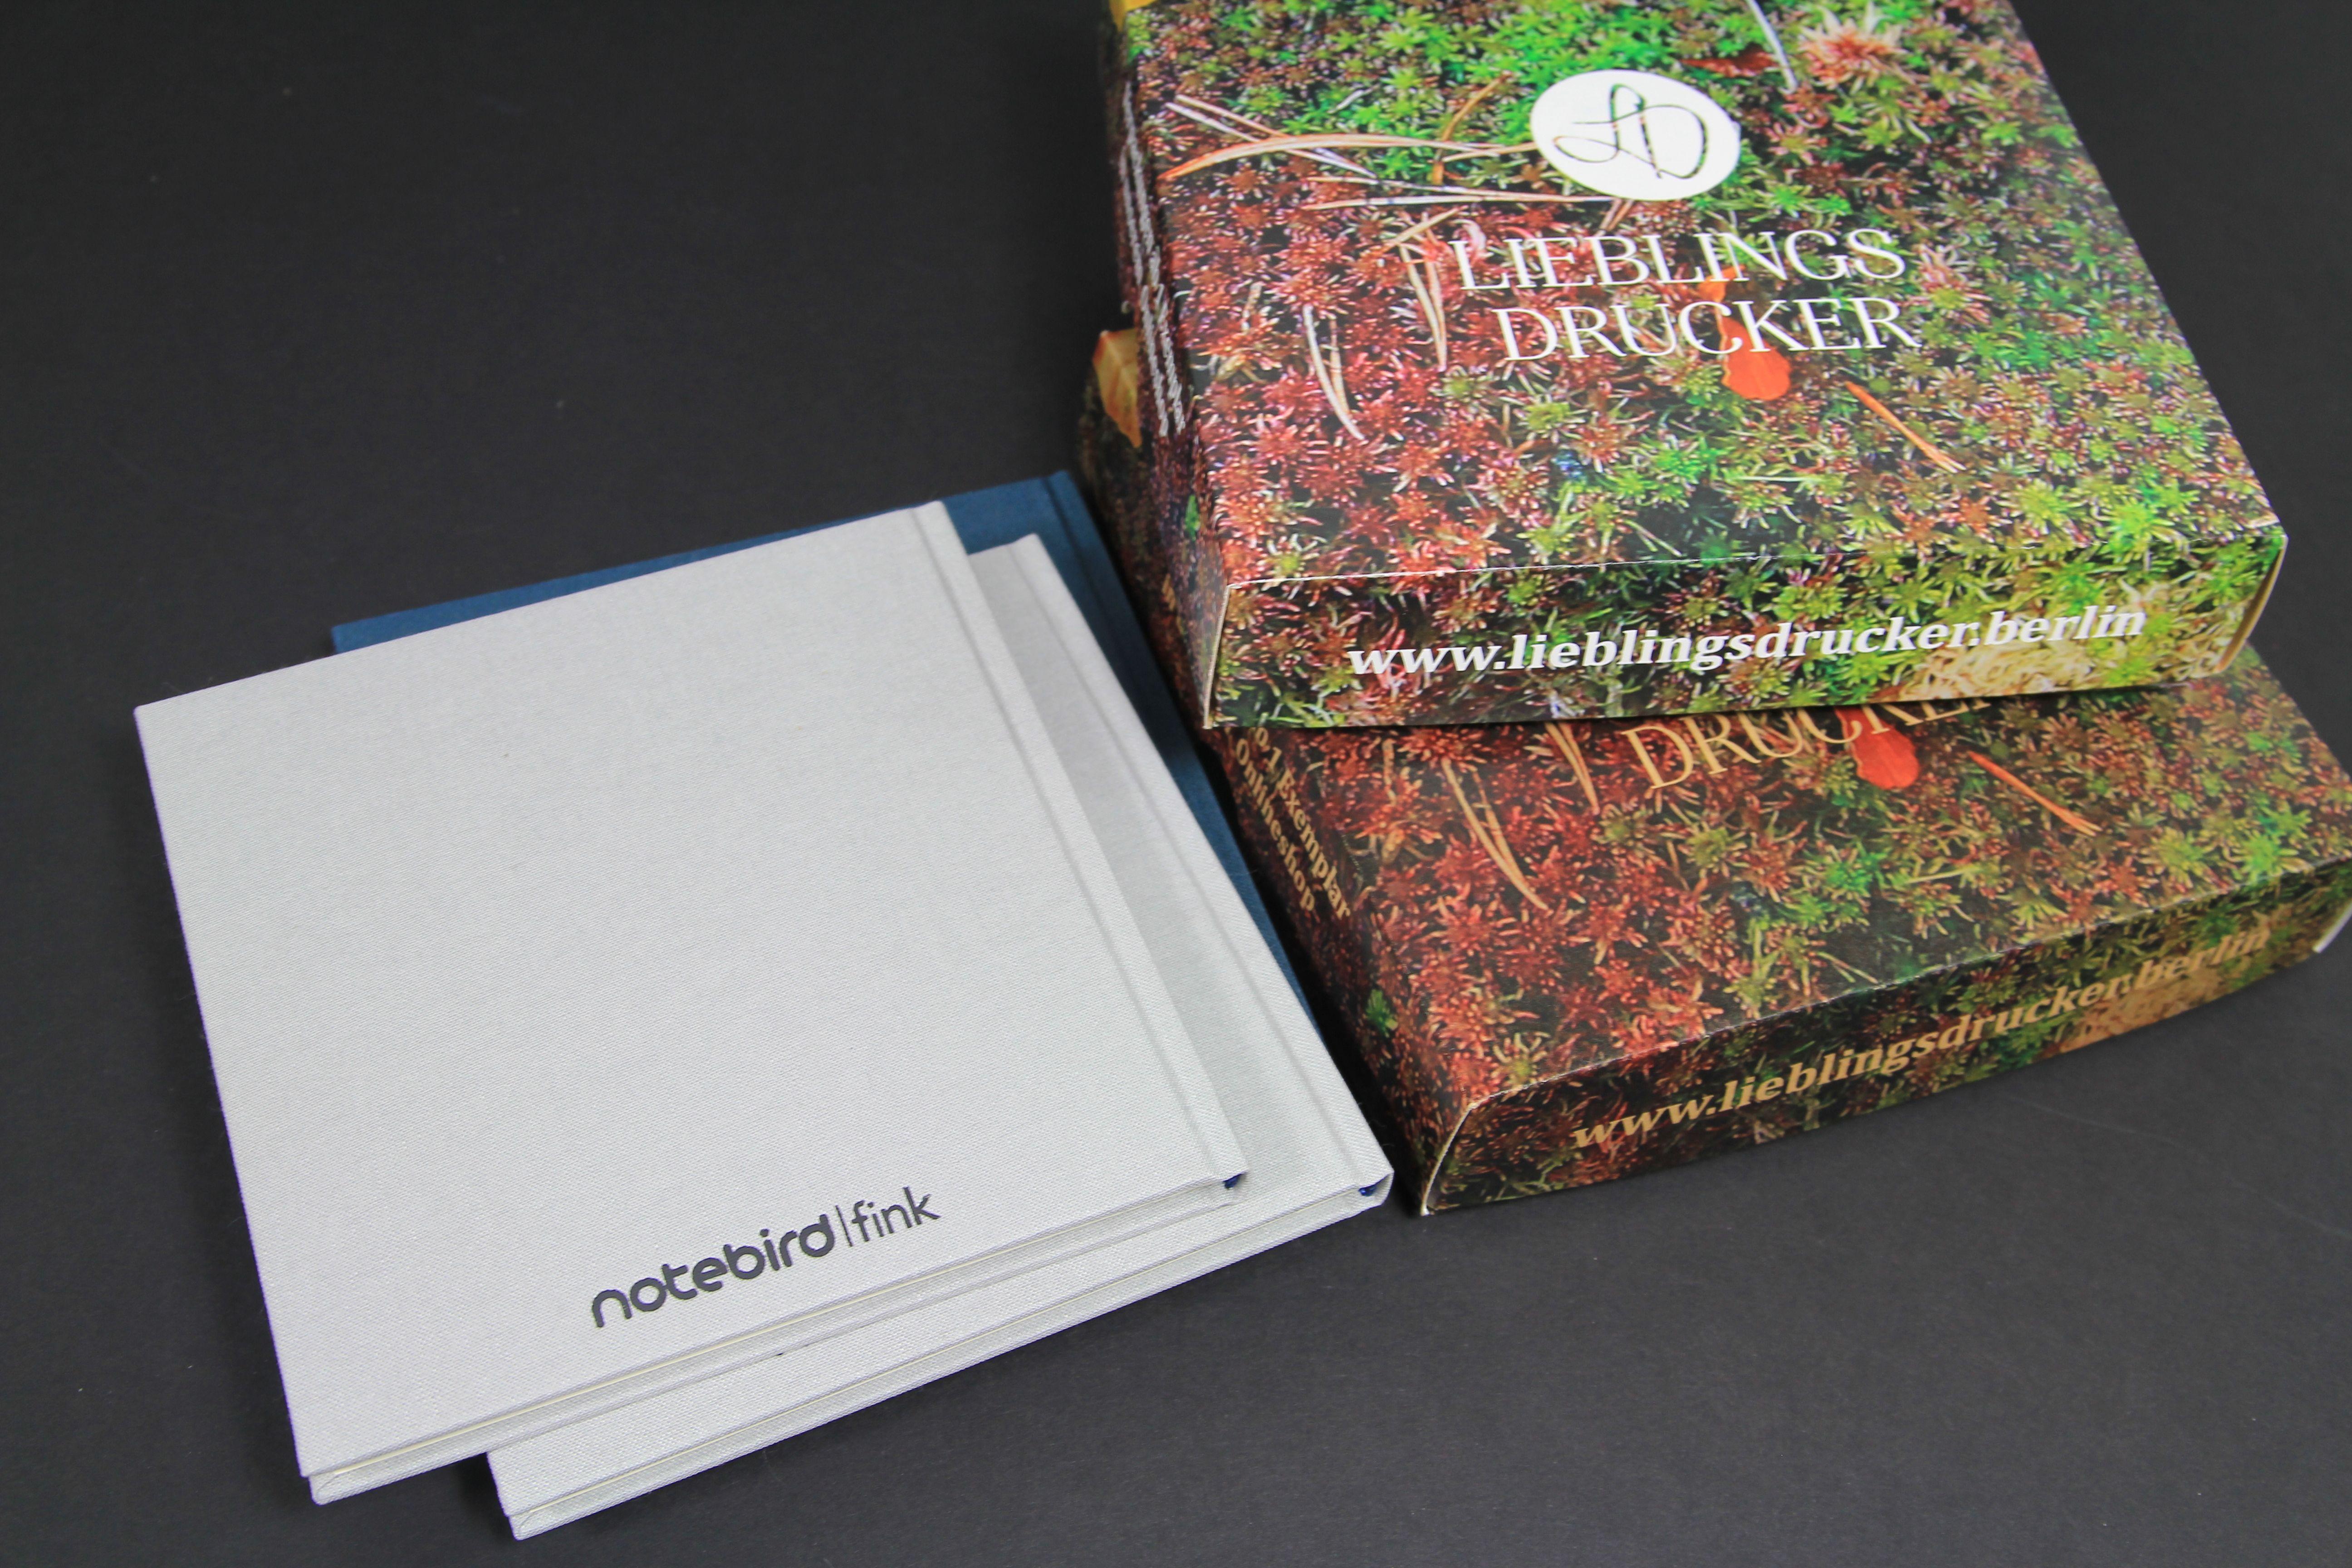 Individuelle Verpackungen auf einer Auflage von einem Exemplar (1 Expl.) in unserem Onlineshop unter lieblingsdrucker.berlin bestellen. Dabei kann zwischen der Weißen und der brauen Seite gewählt werden!